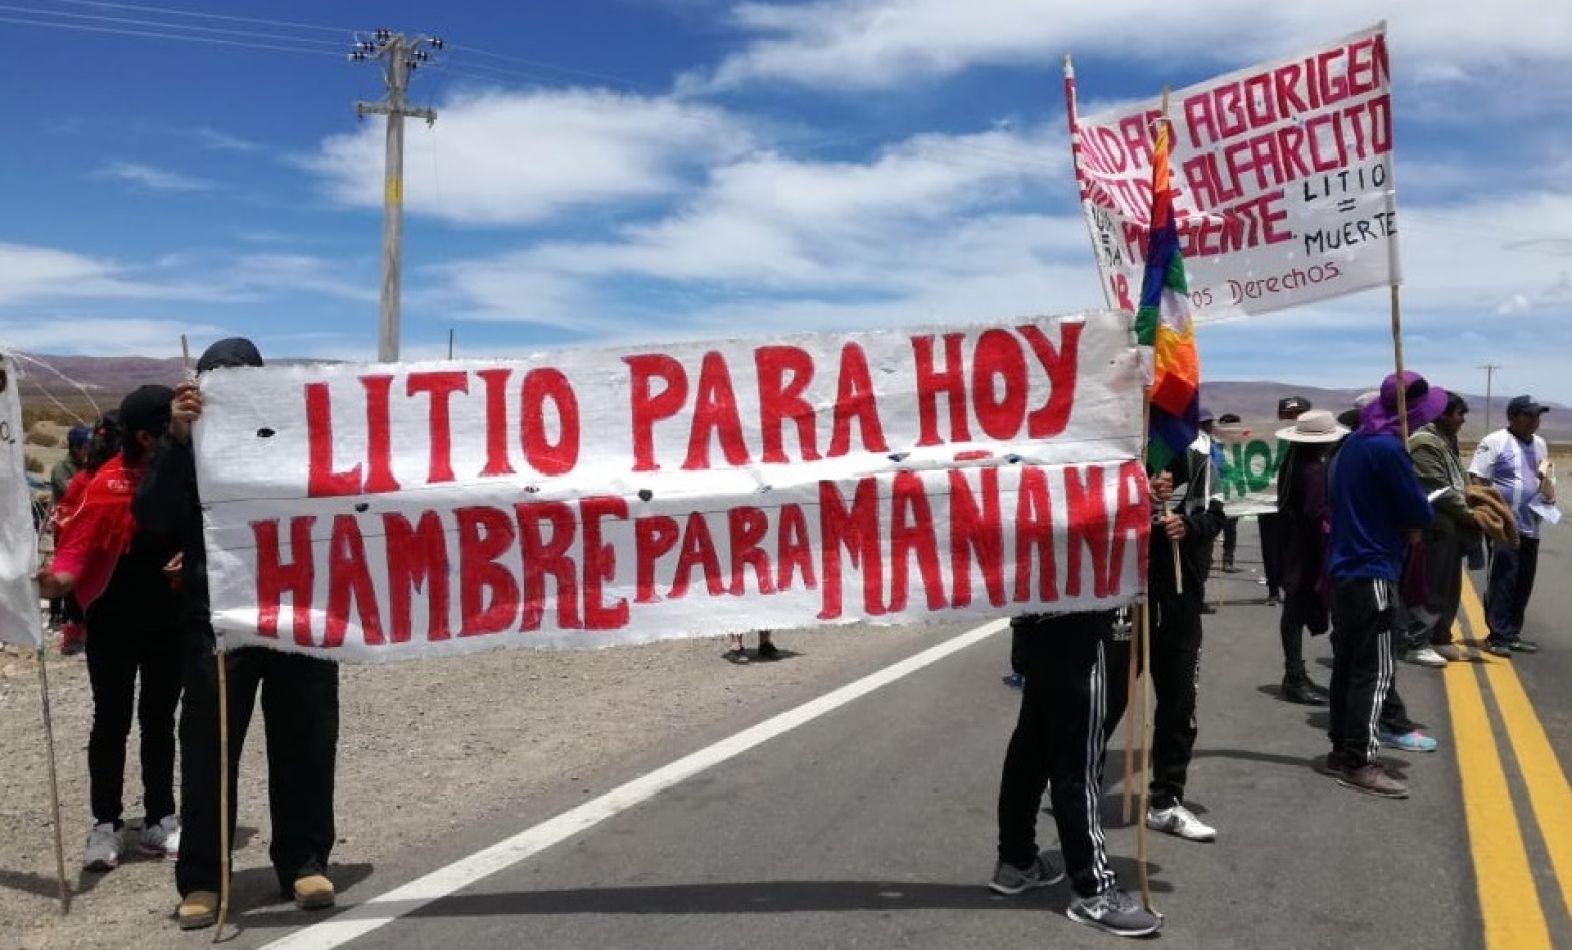 Morales quiere expropiar tierras de Comunidades Originarias en las Salinas Grandes con la excusa del turismo